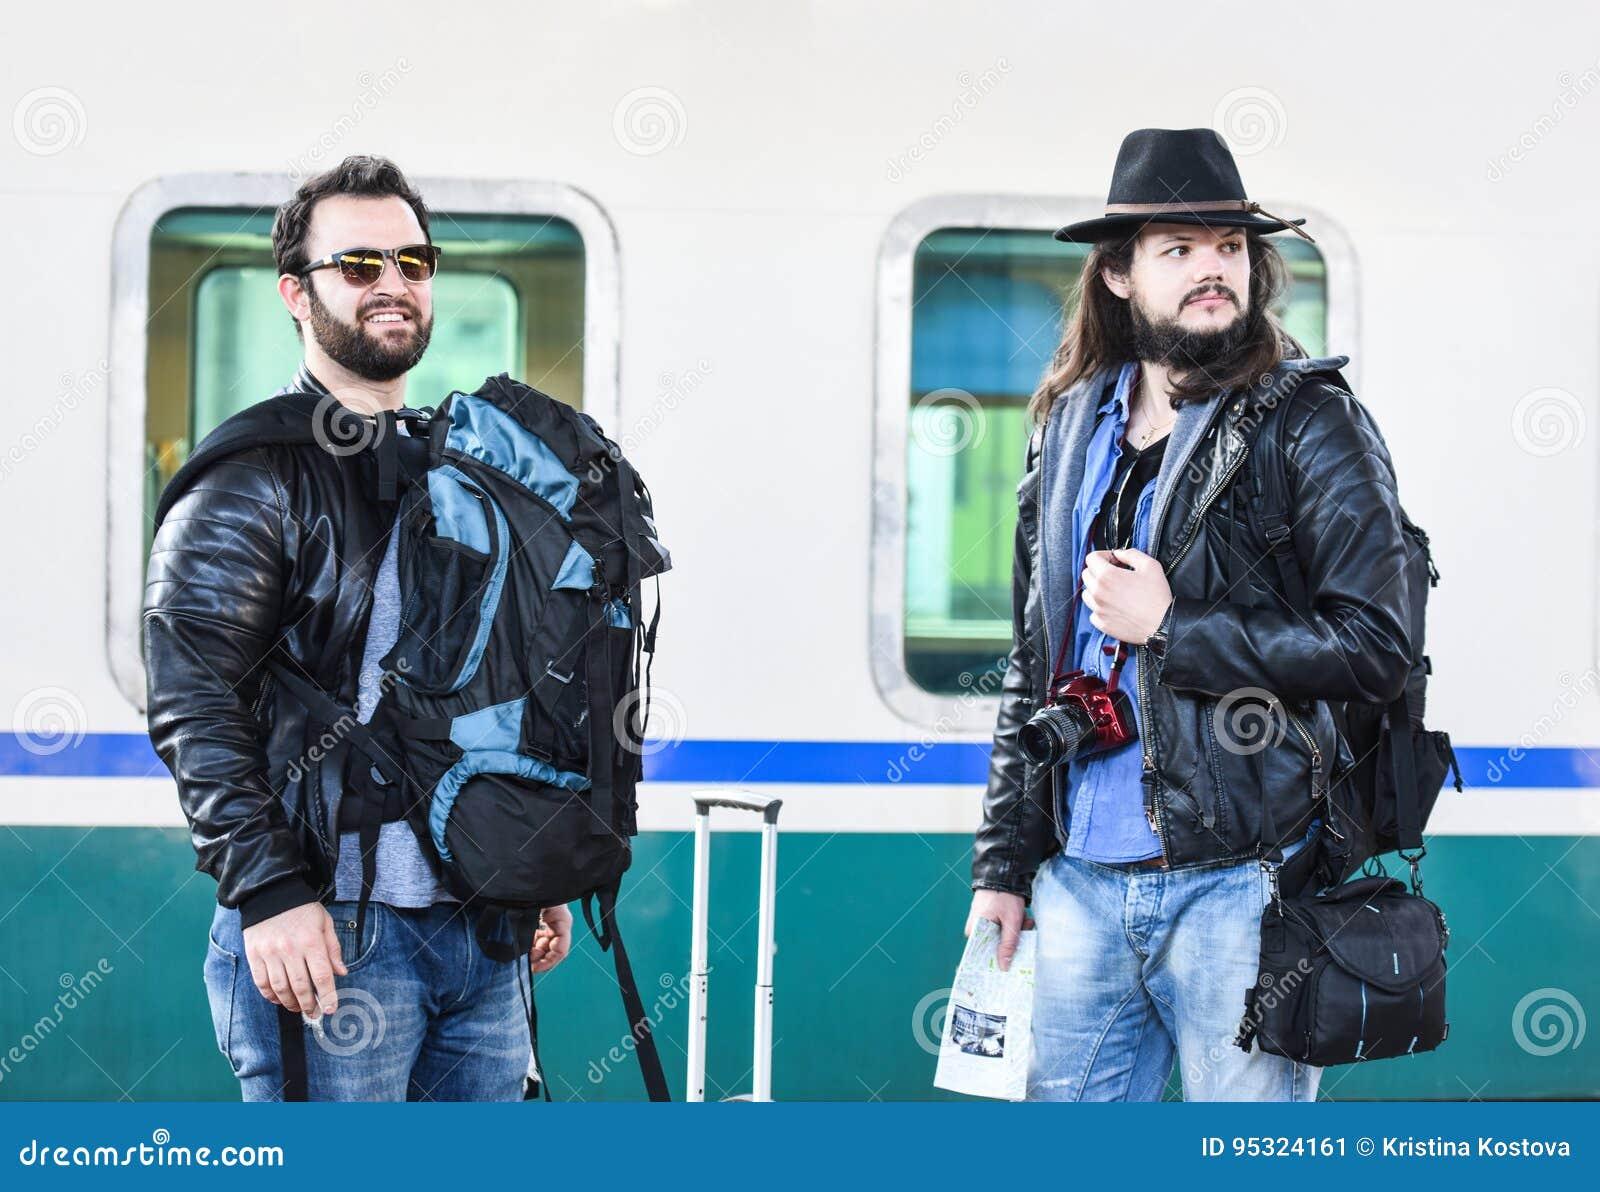 Δύο φίλοι περιμένουν το τραίνο να έρθουν